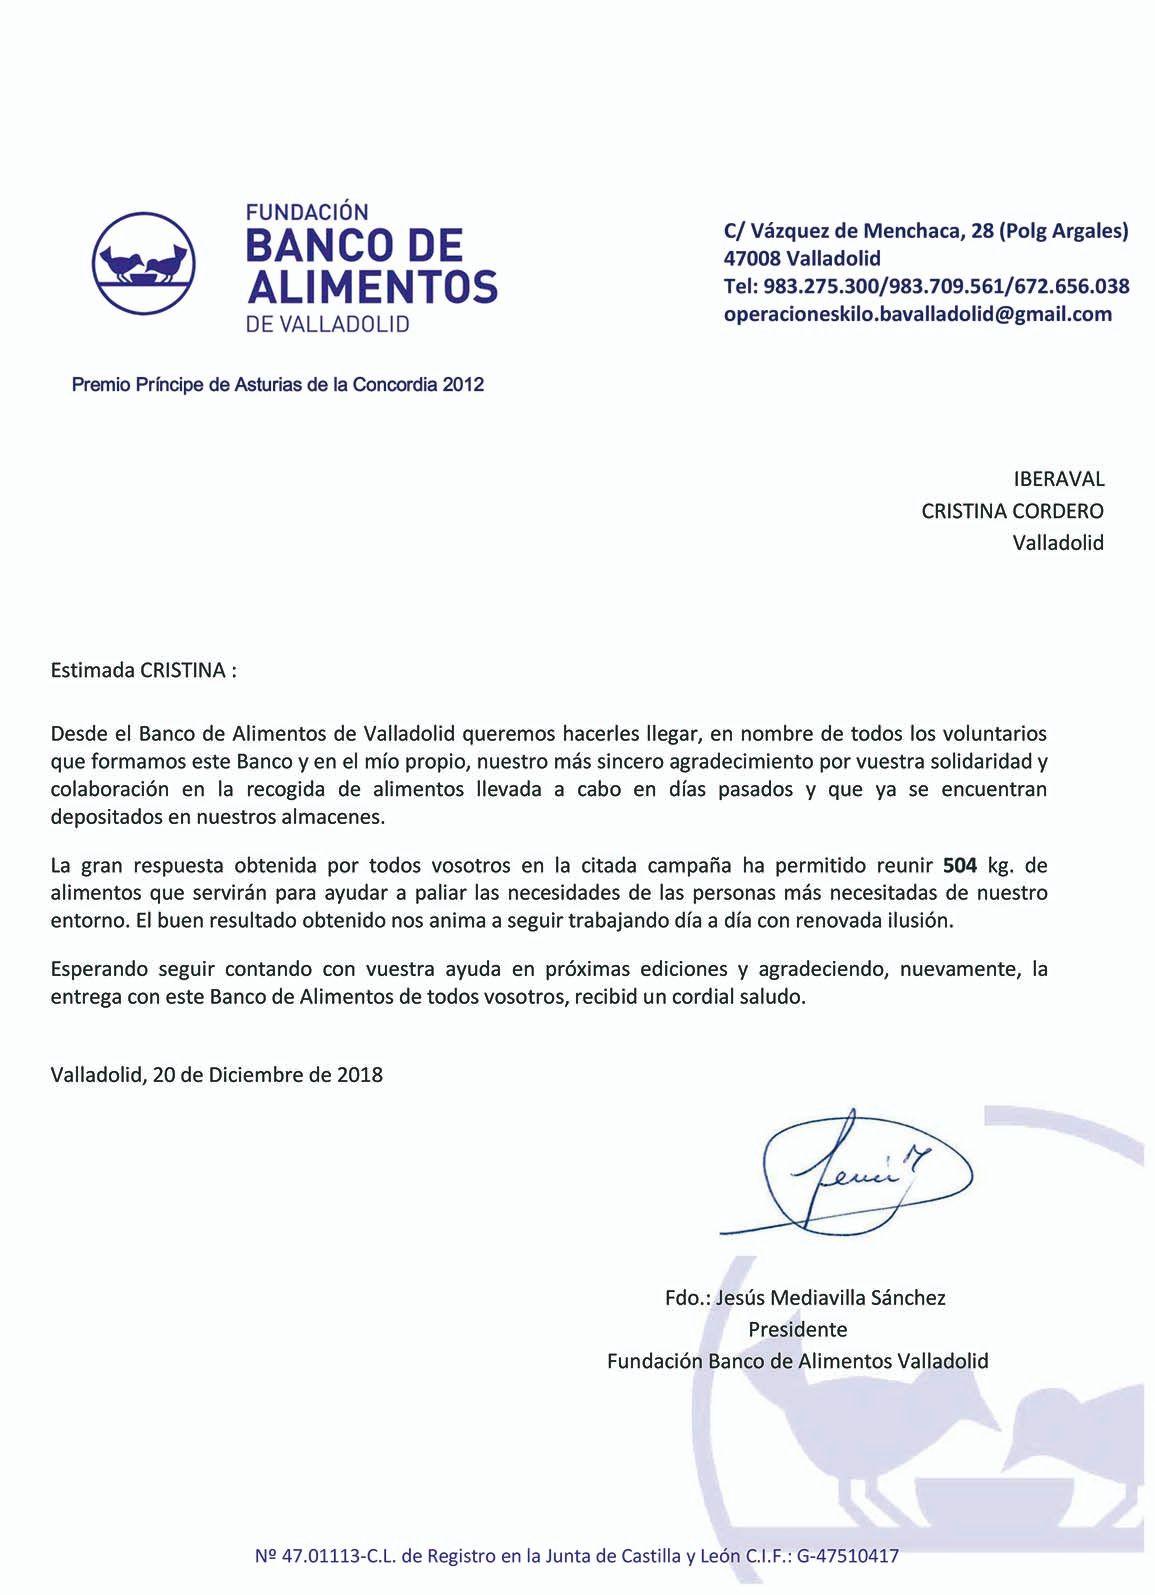 Carta agradecimiento Banco de Alimentos